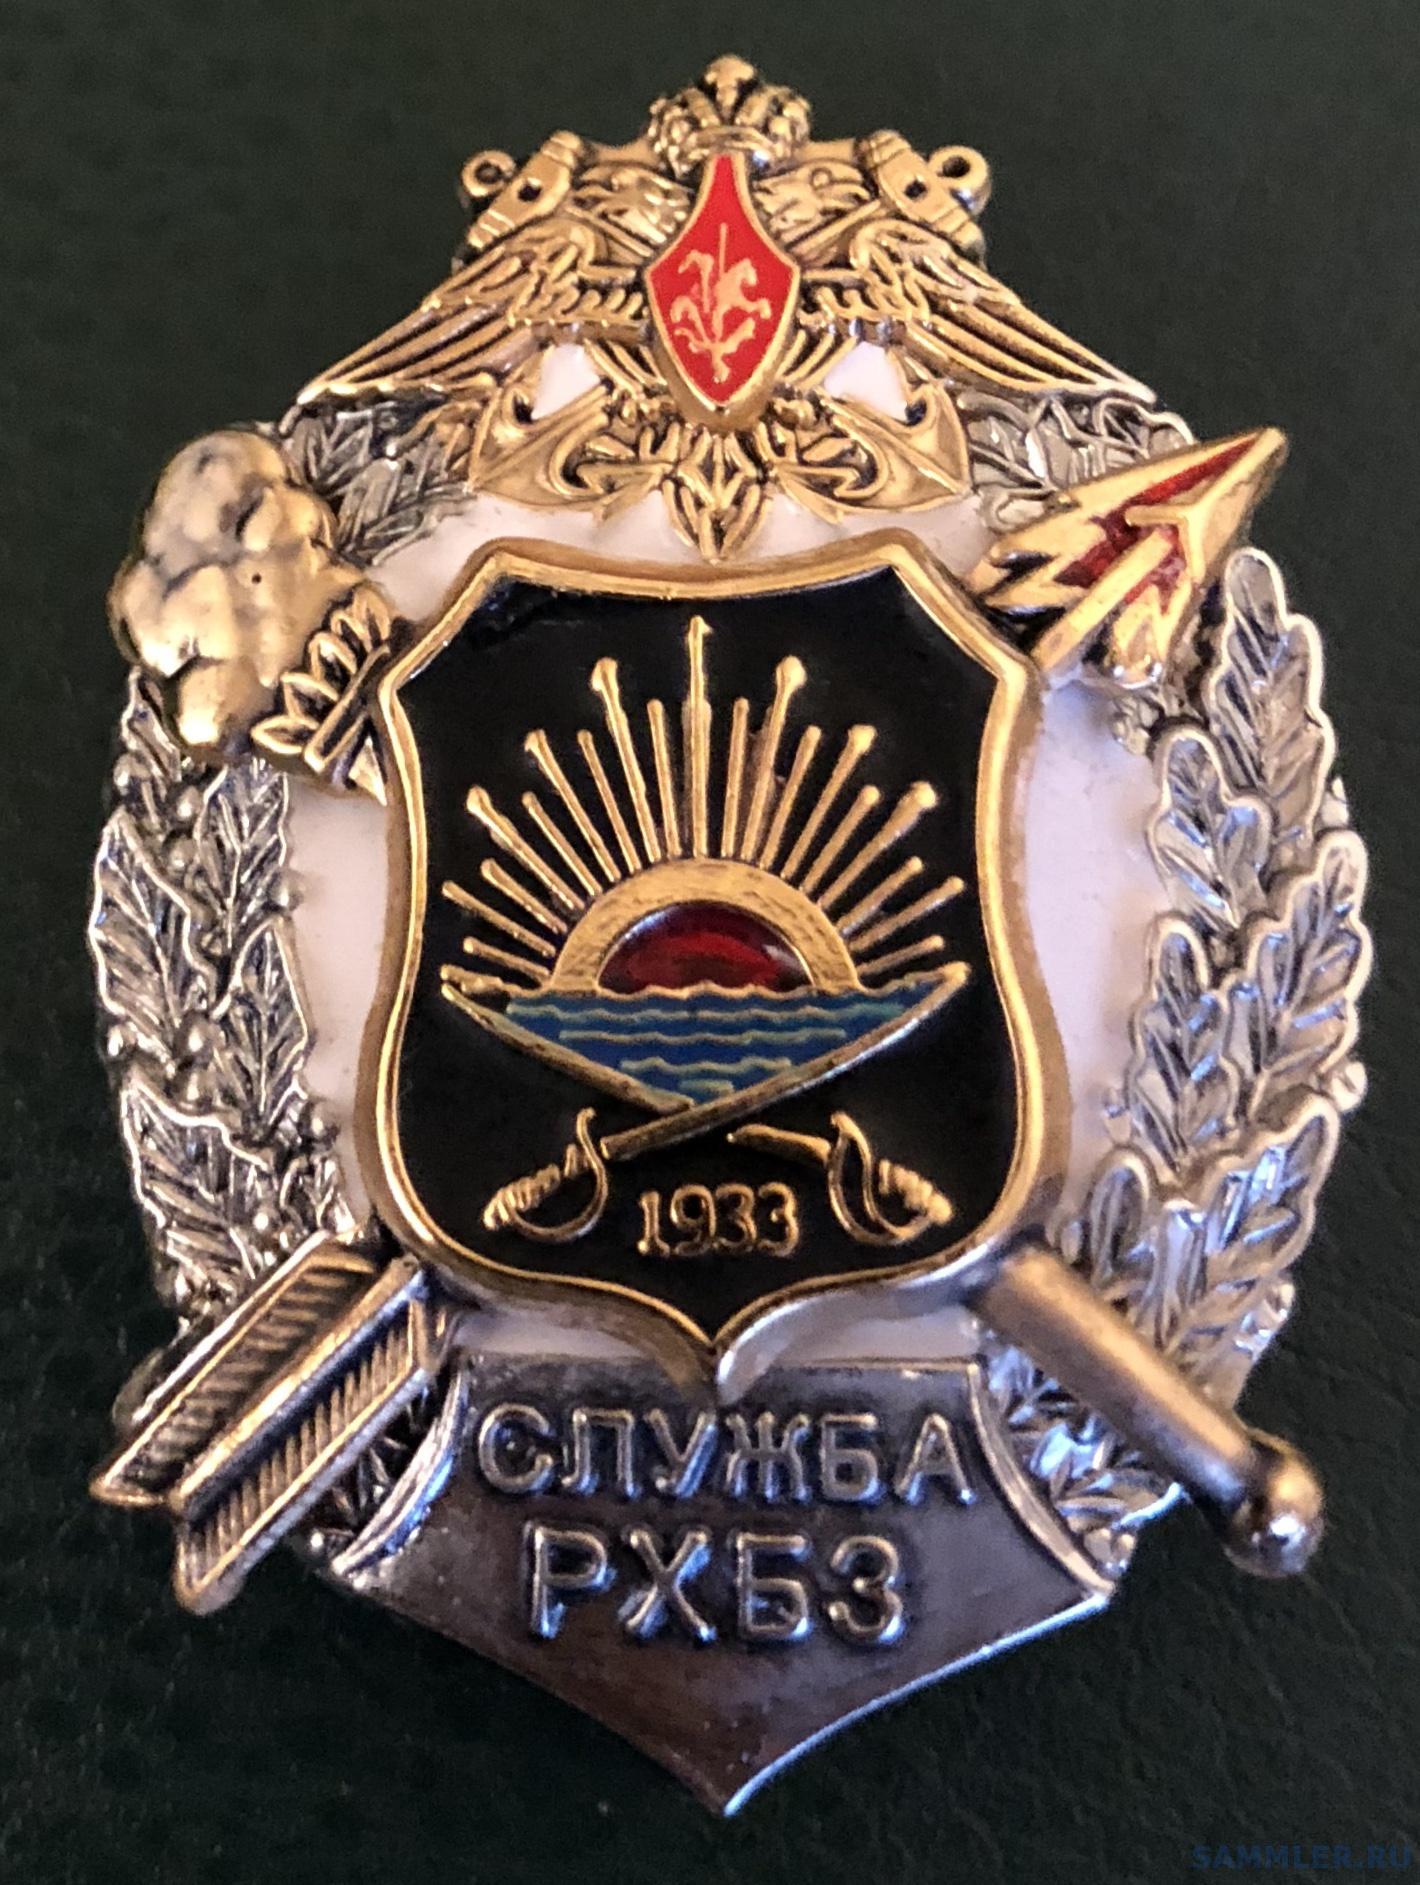 186127A5-CB0E-4B70-9E2B-52E7A8E5BB56.jpeg